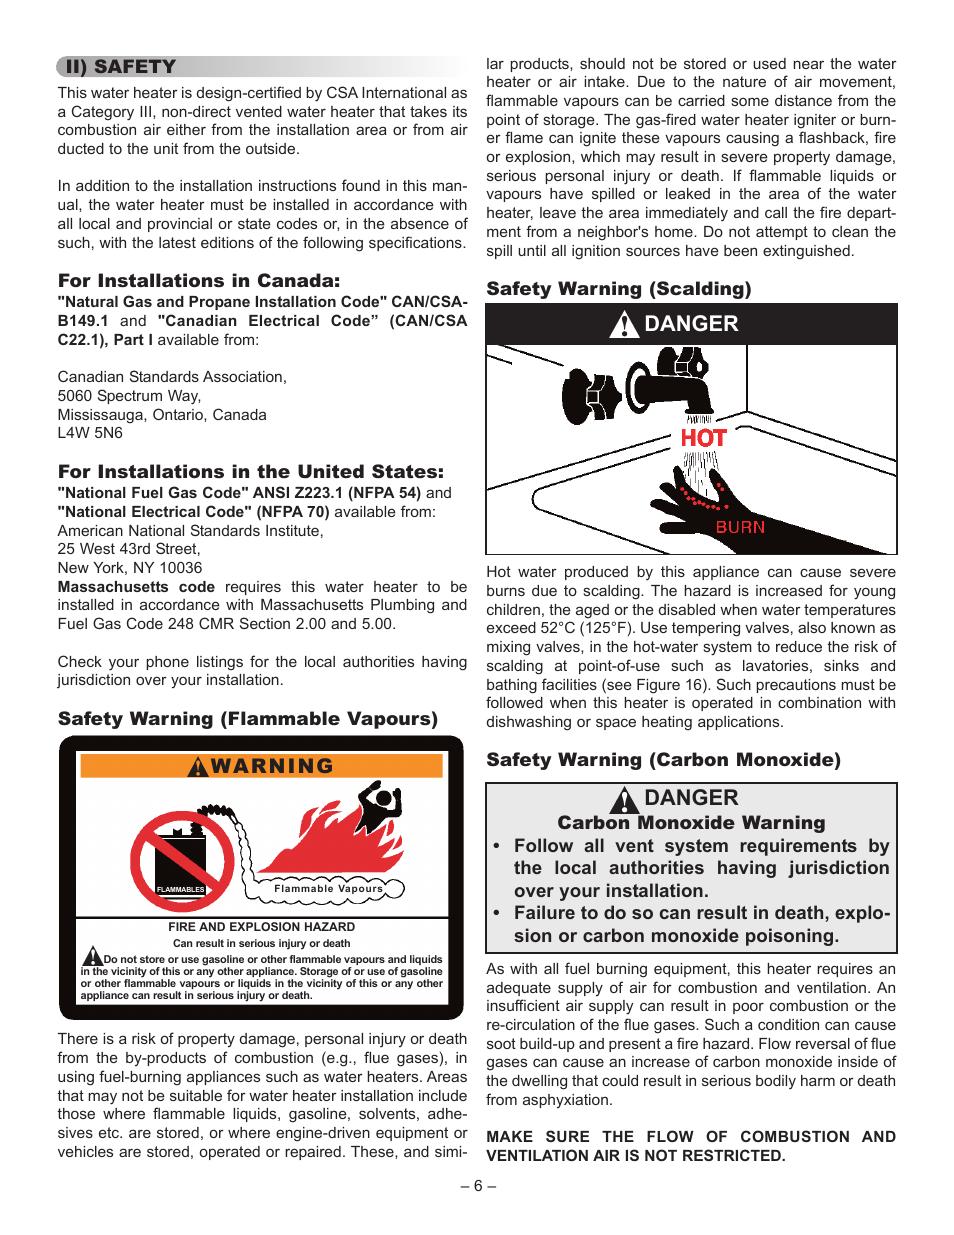 Danger, Warning | John Wood Superflue Power Vent (75 Gallon) User ...